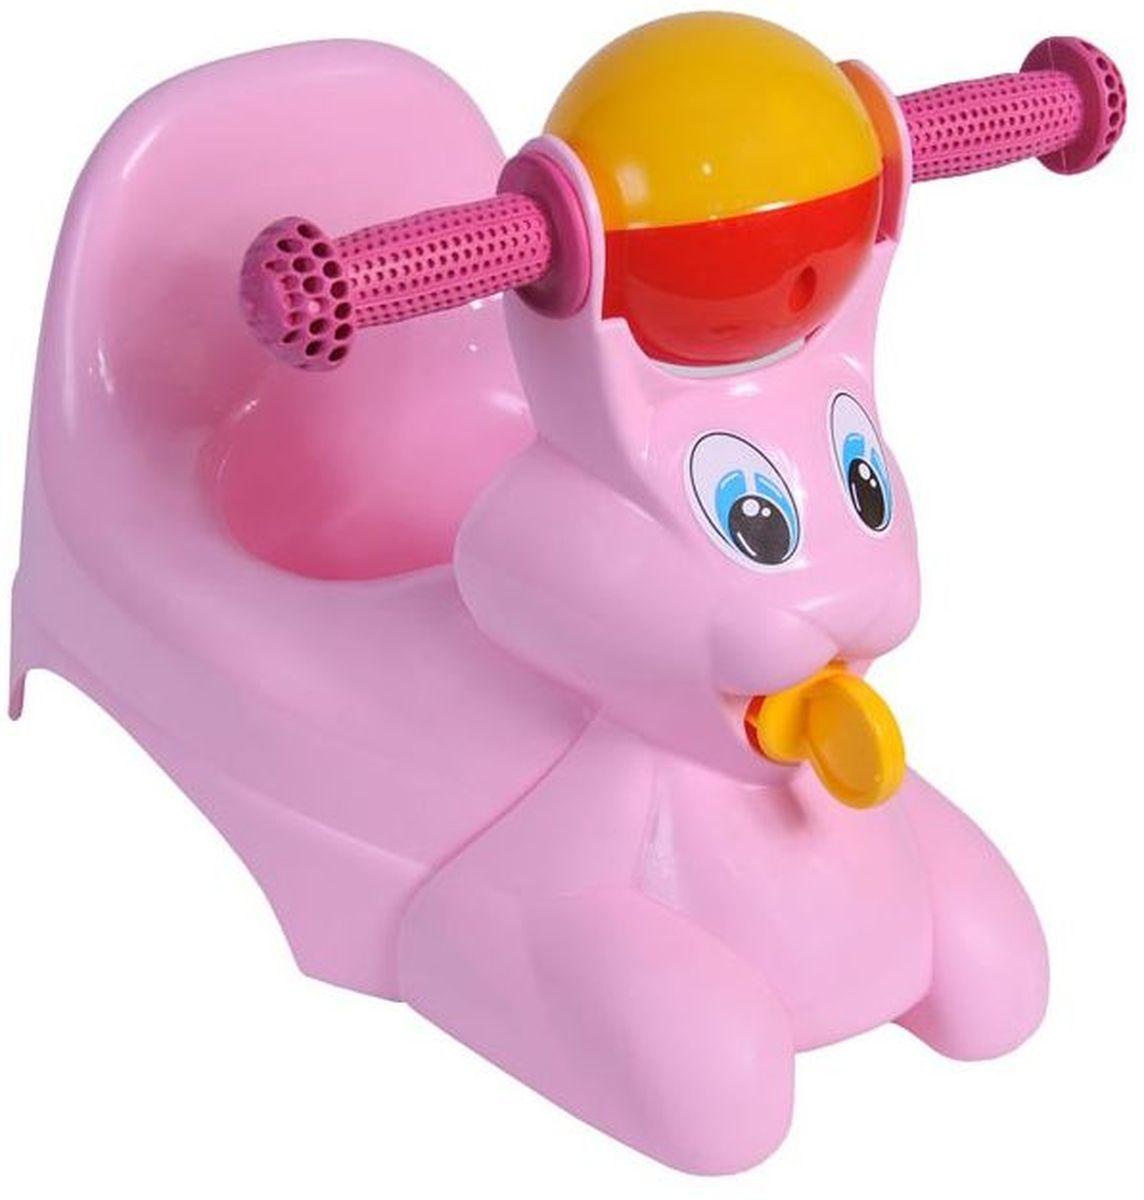 Little Angel Горшок-игрушка Зайчик цвет розовый -  Горшки и адаптеры для унитаза